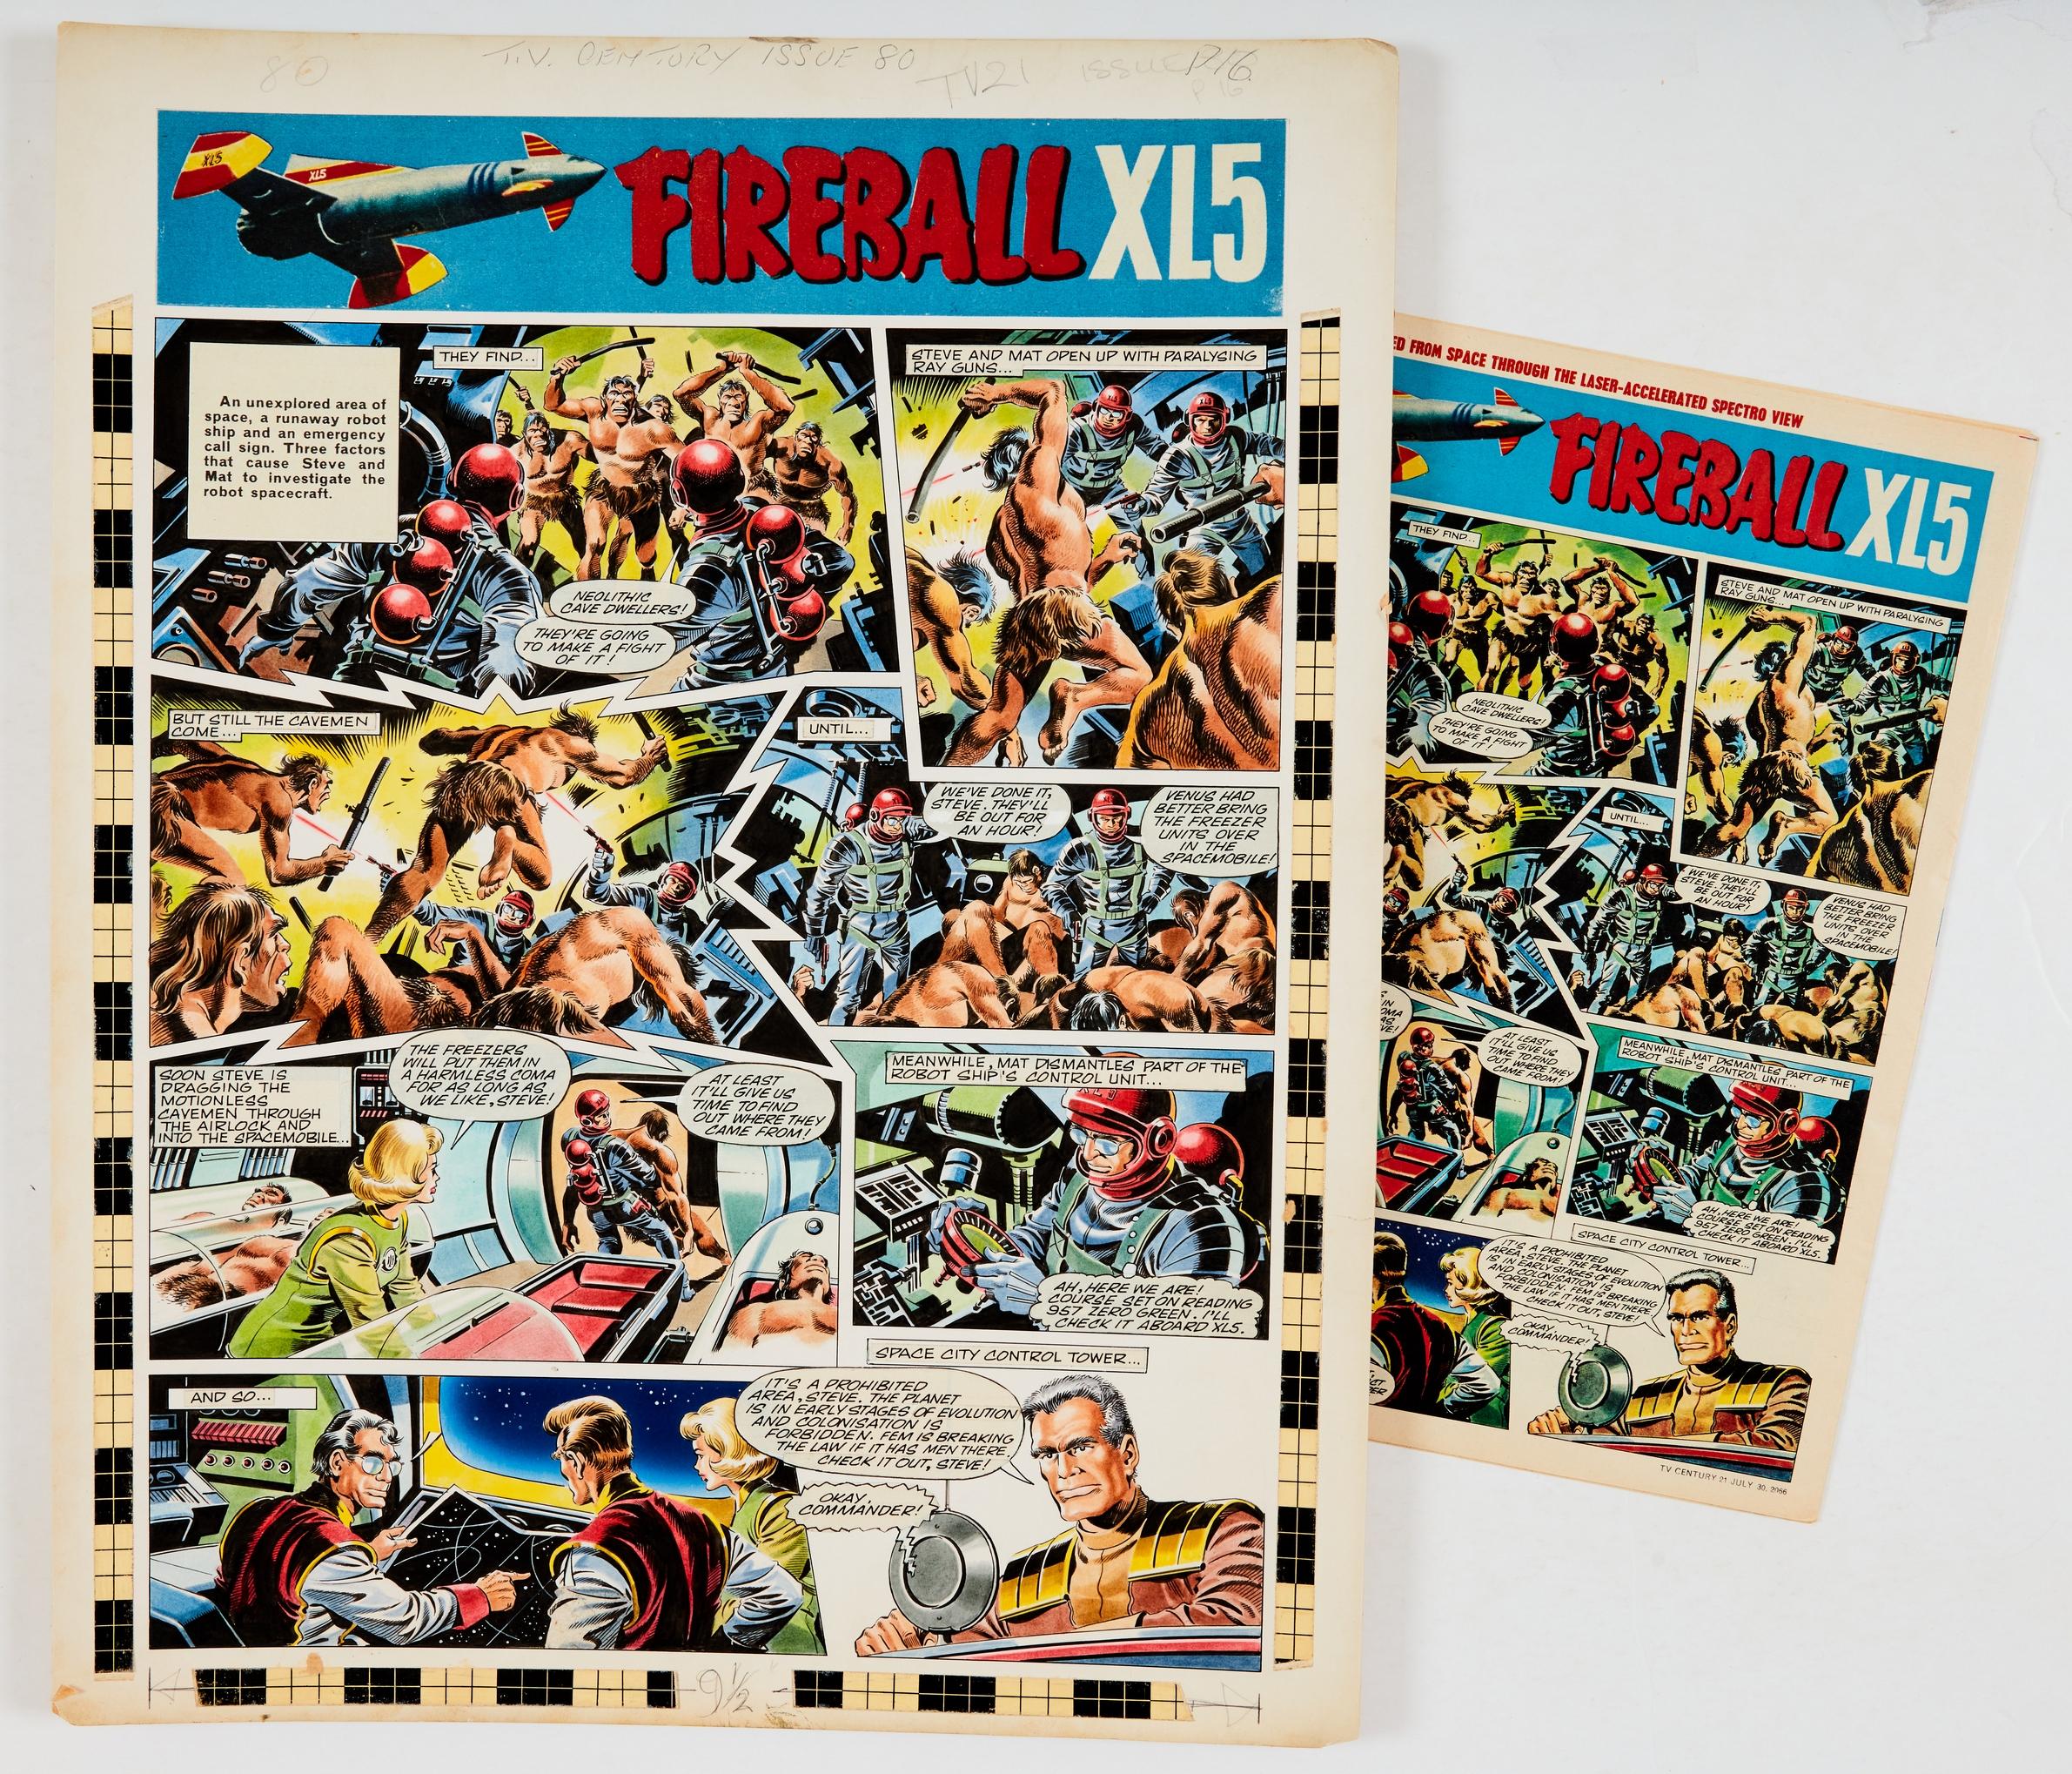 Fireball XL5 original artwork by Mike Noble (1966) for TV Century 21 No 80, 1966, with original